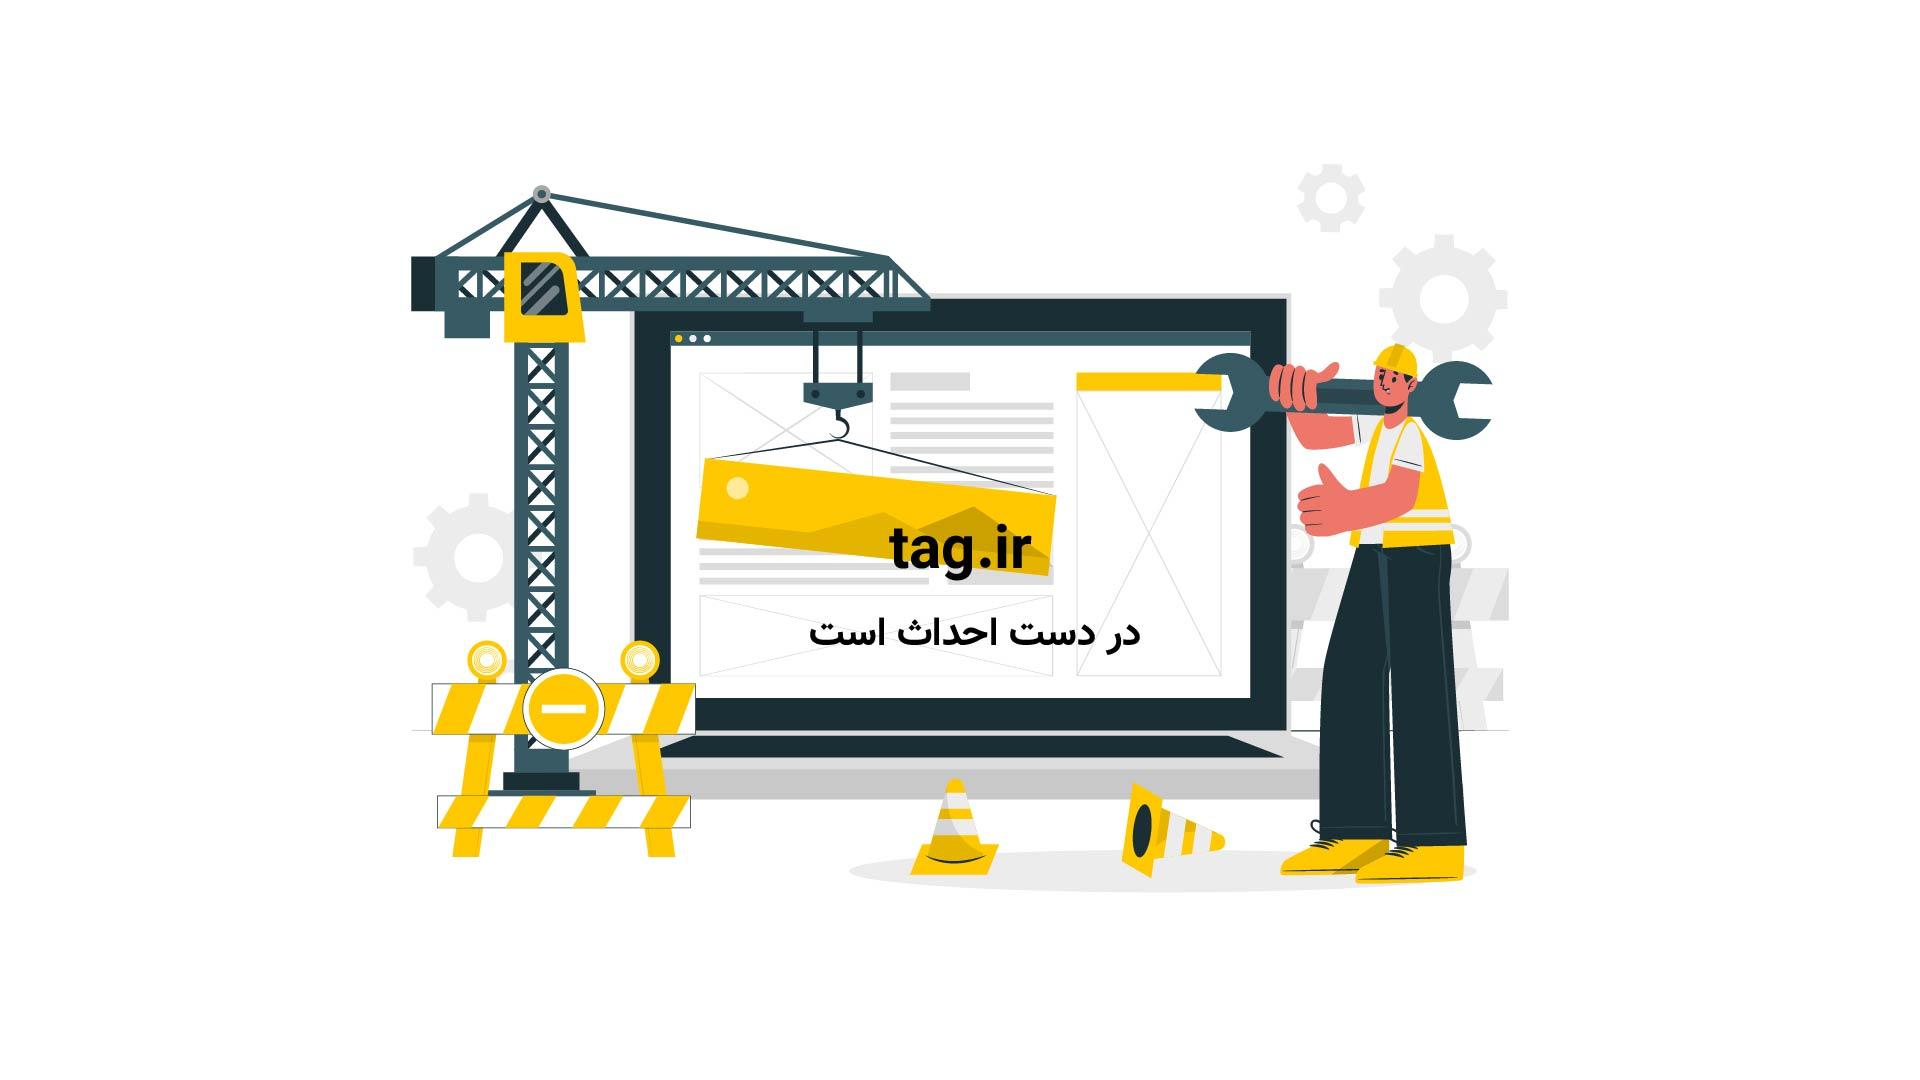 تیم ملی آلمان | تگ